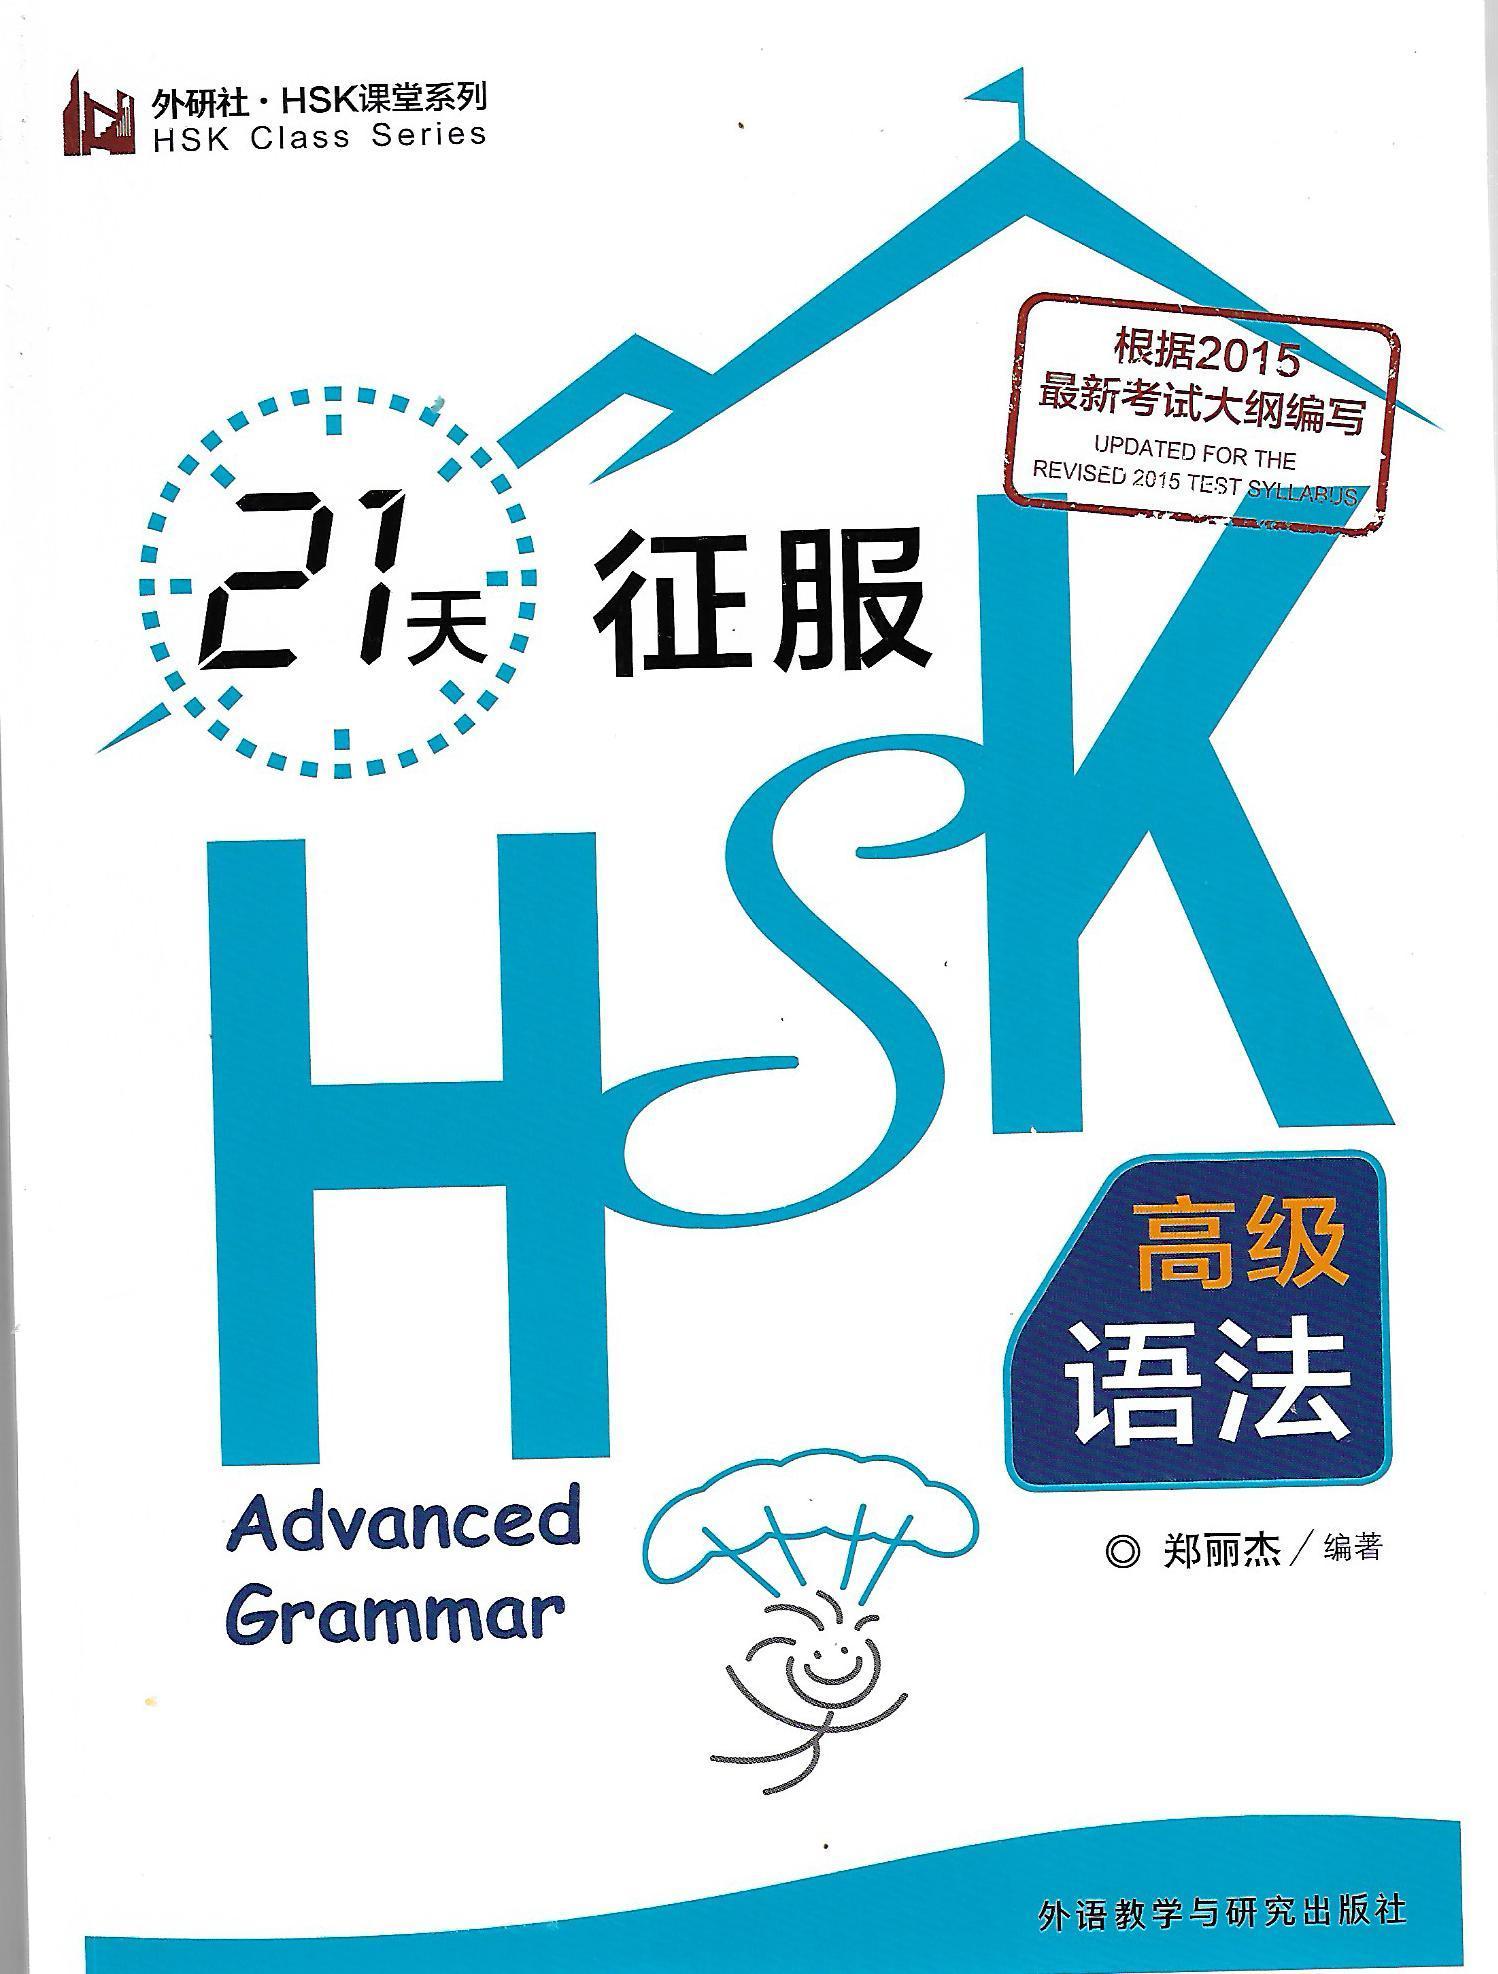 hsk21.jpg